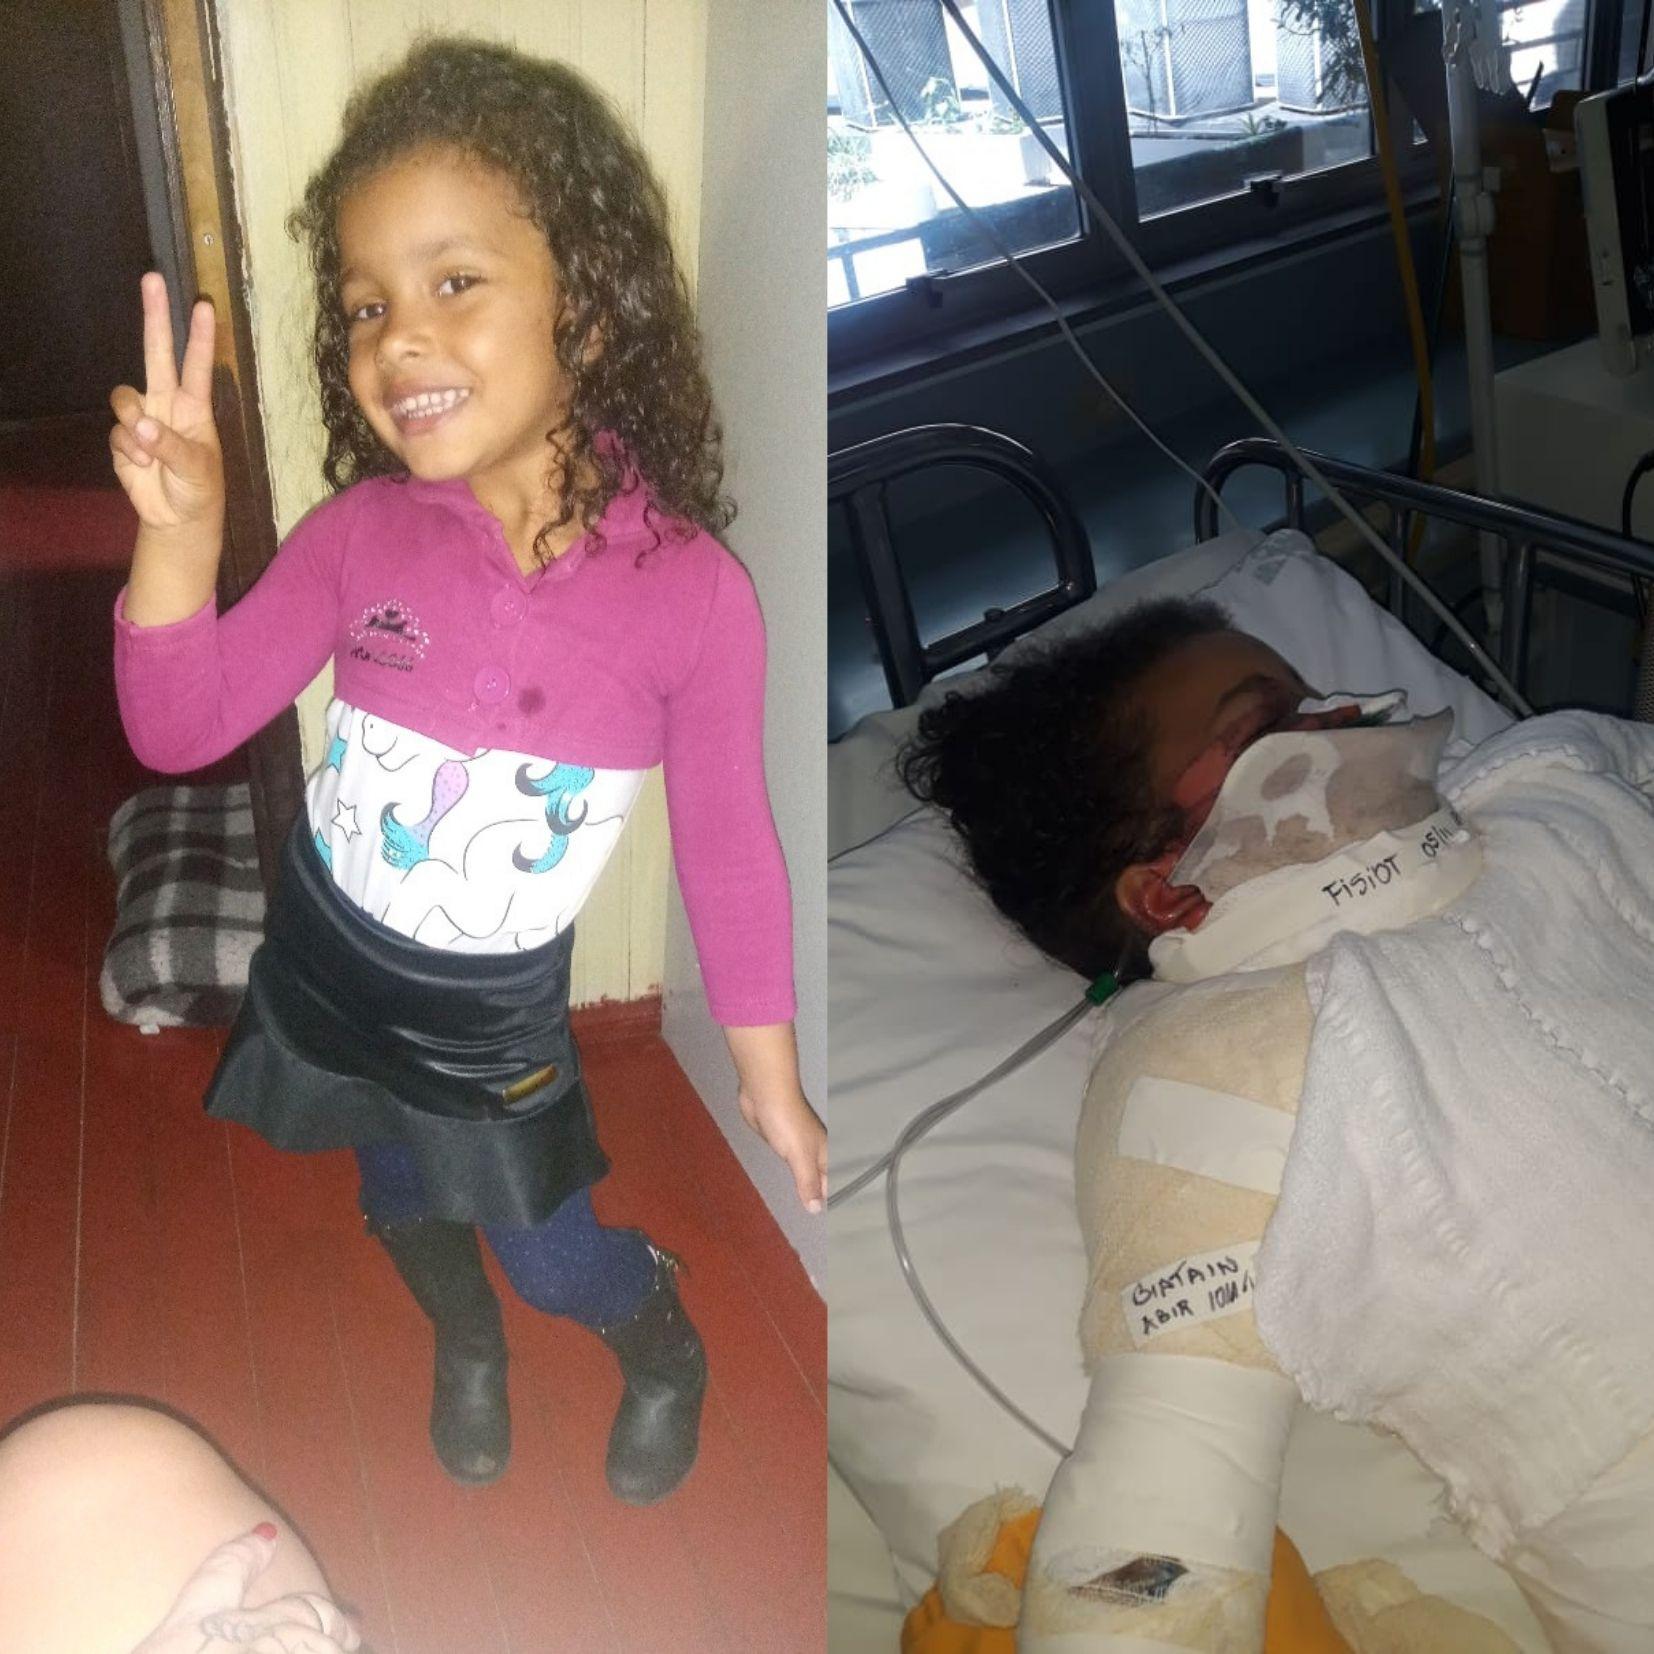 Menina de 4 anos precisa de ajuda após sofrer queimaduras de terceiro grau